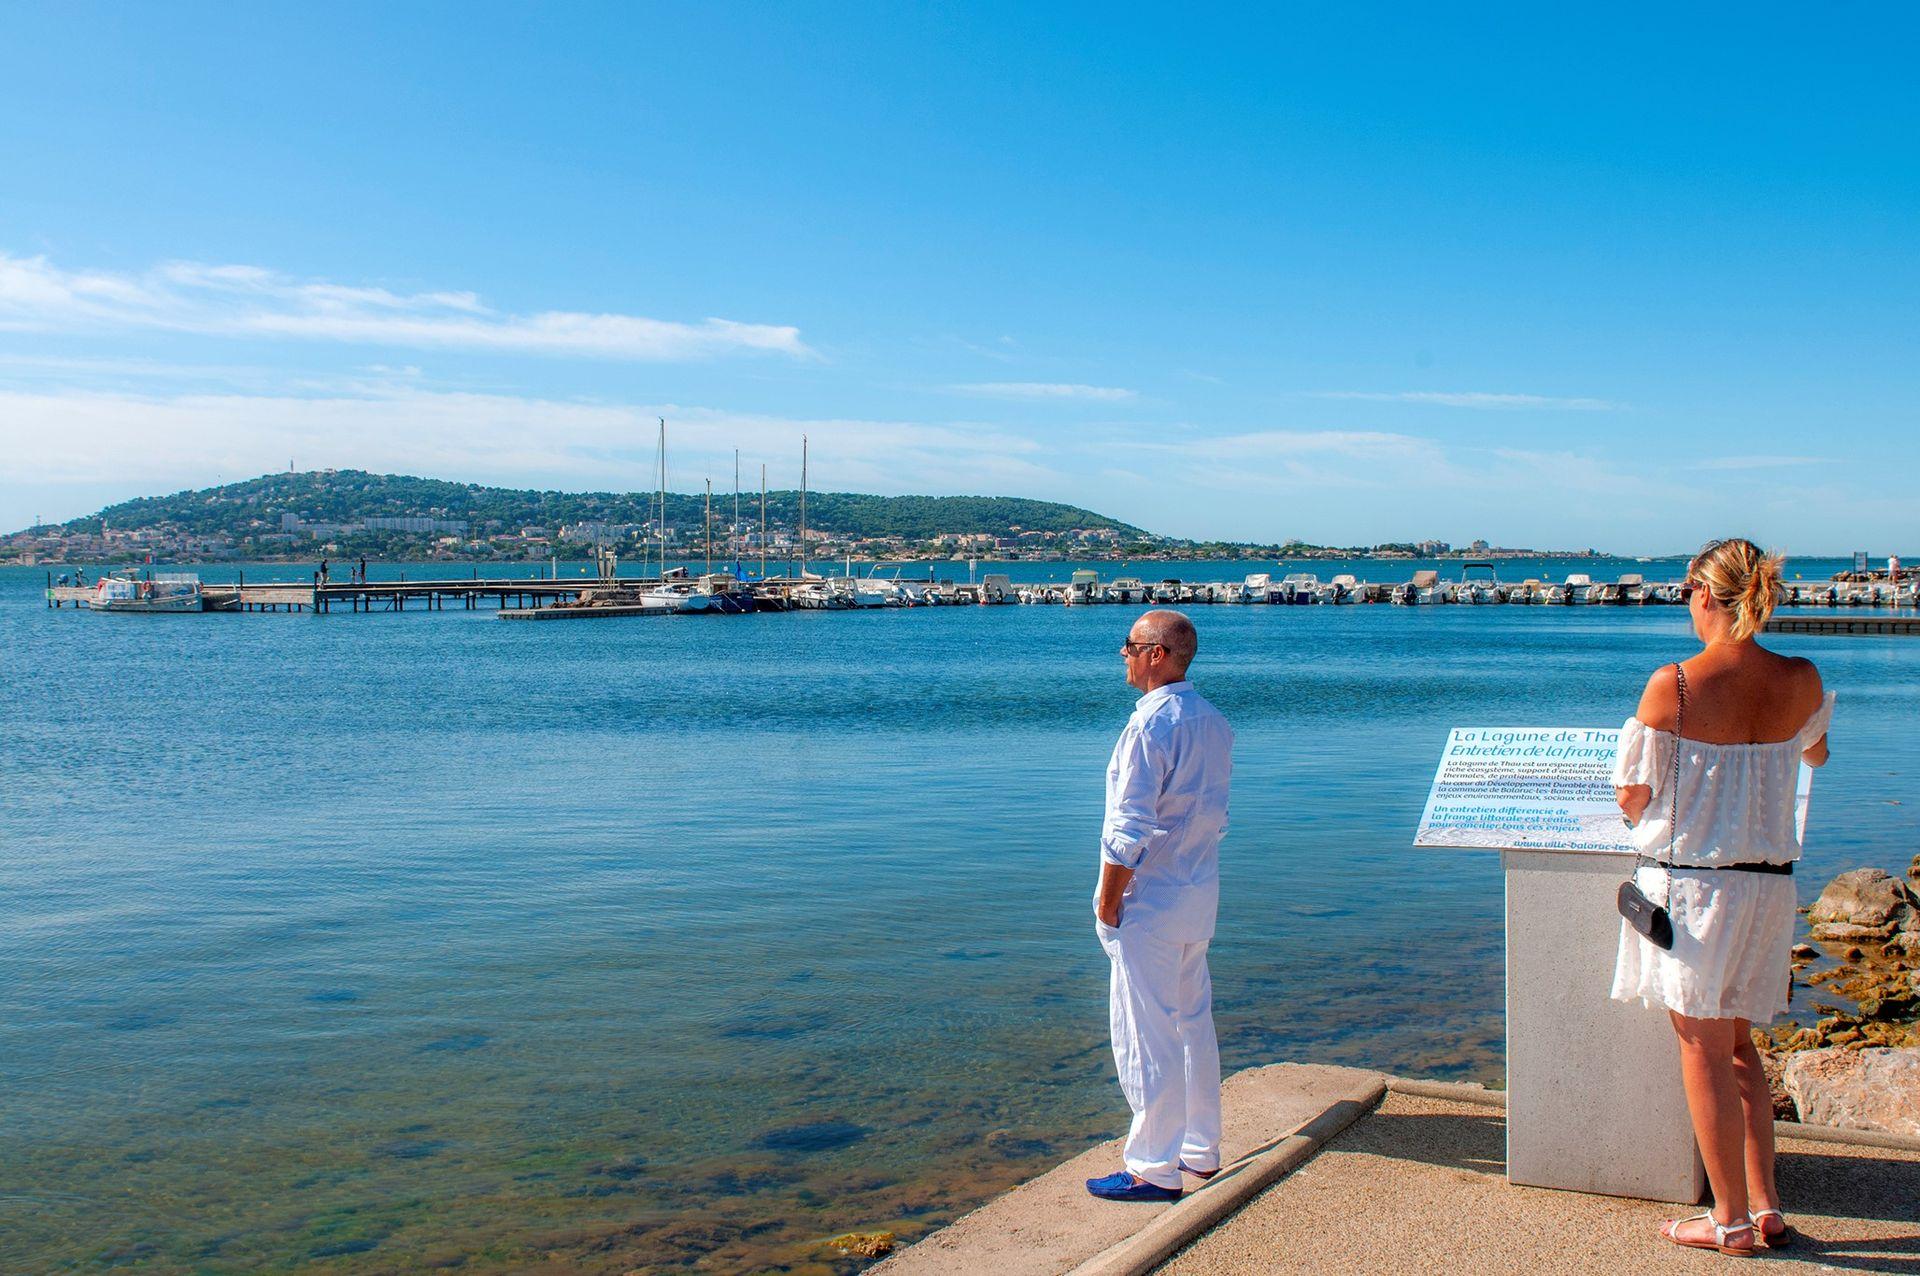 De la promenade Spinosi, un homme regarde l'étang vers Sète